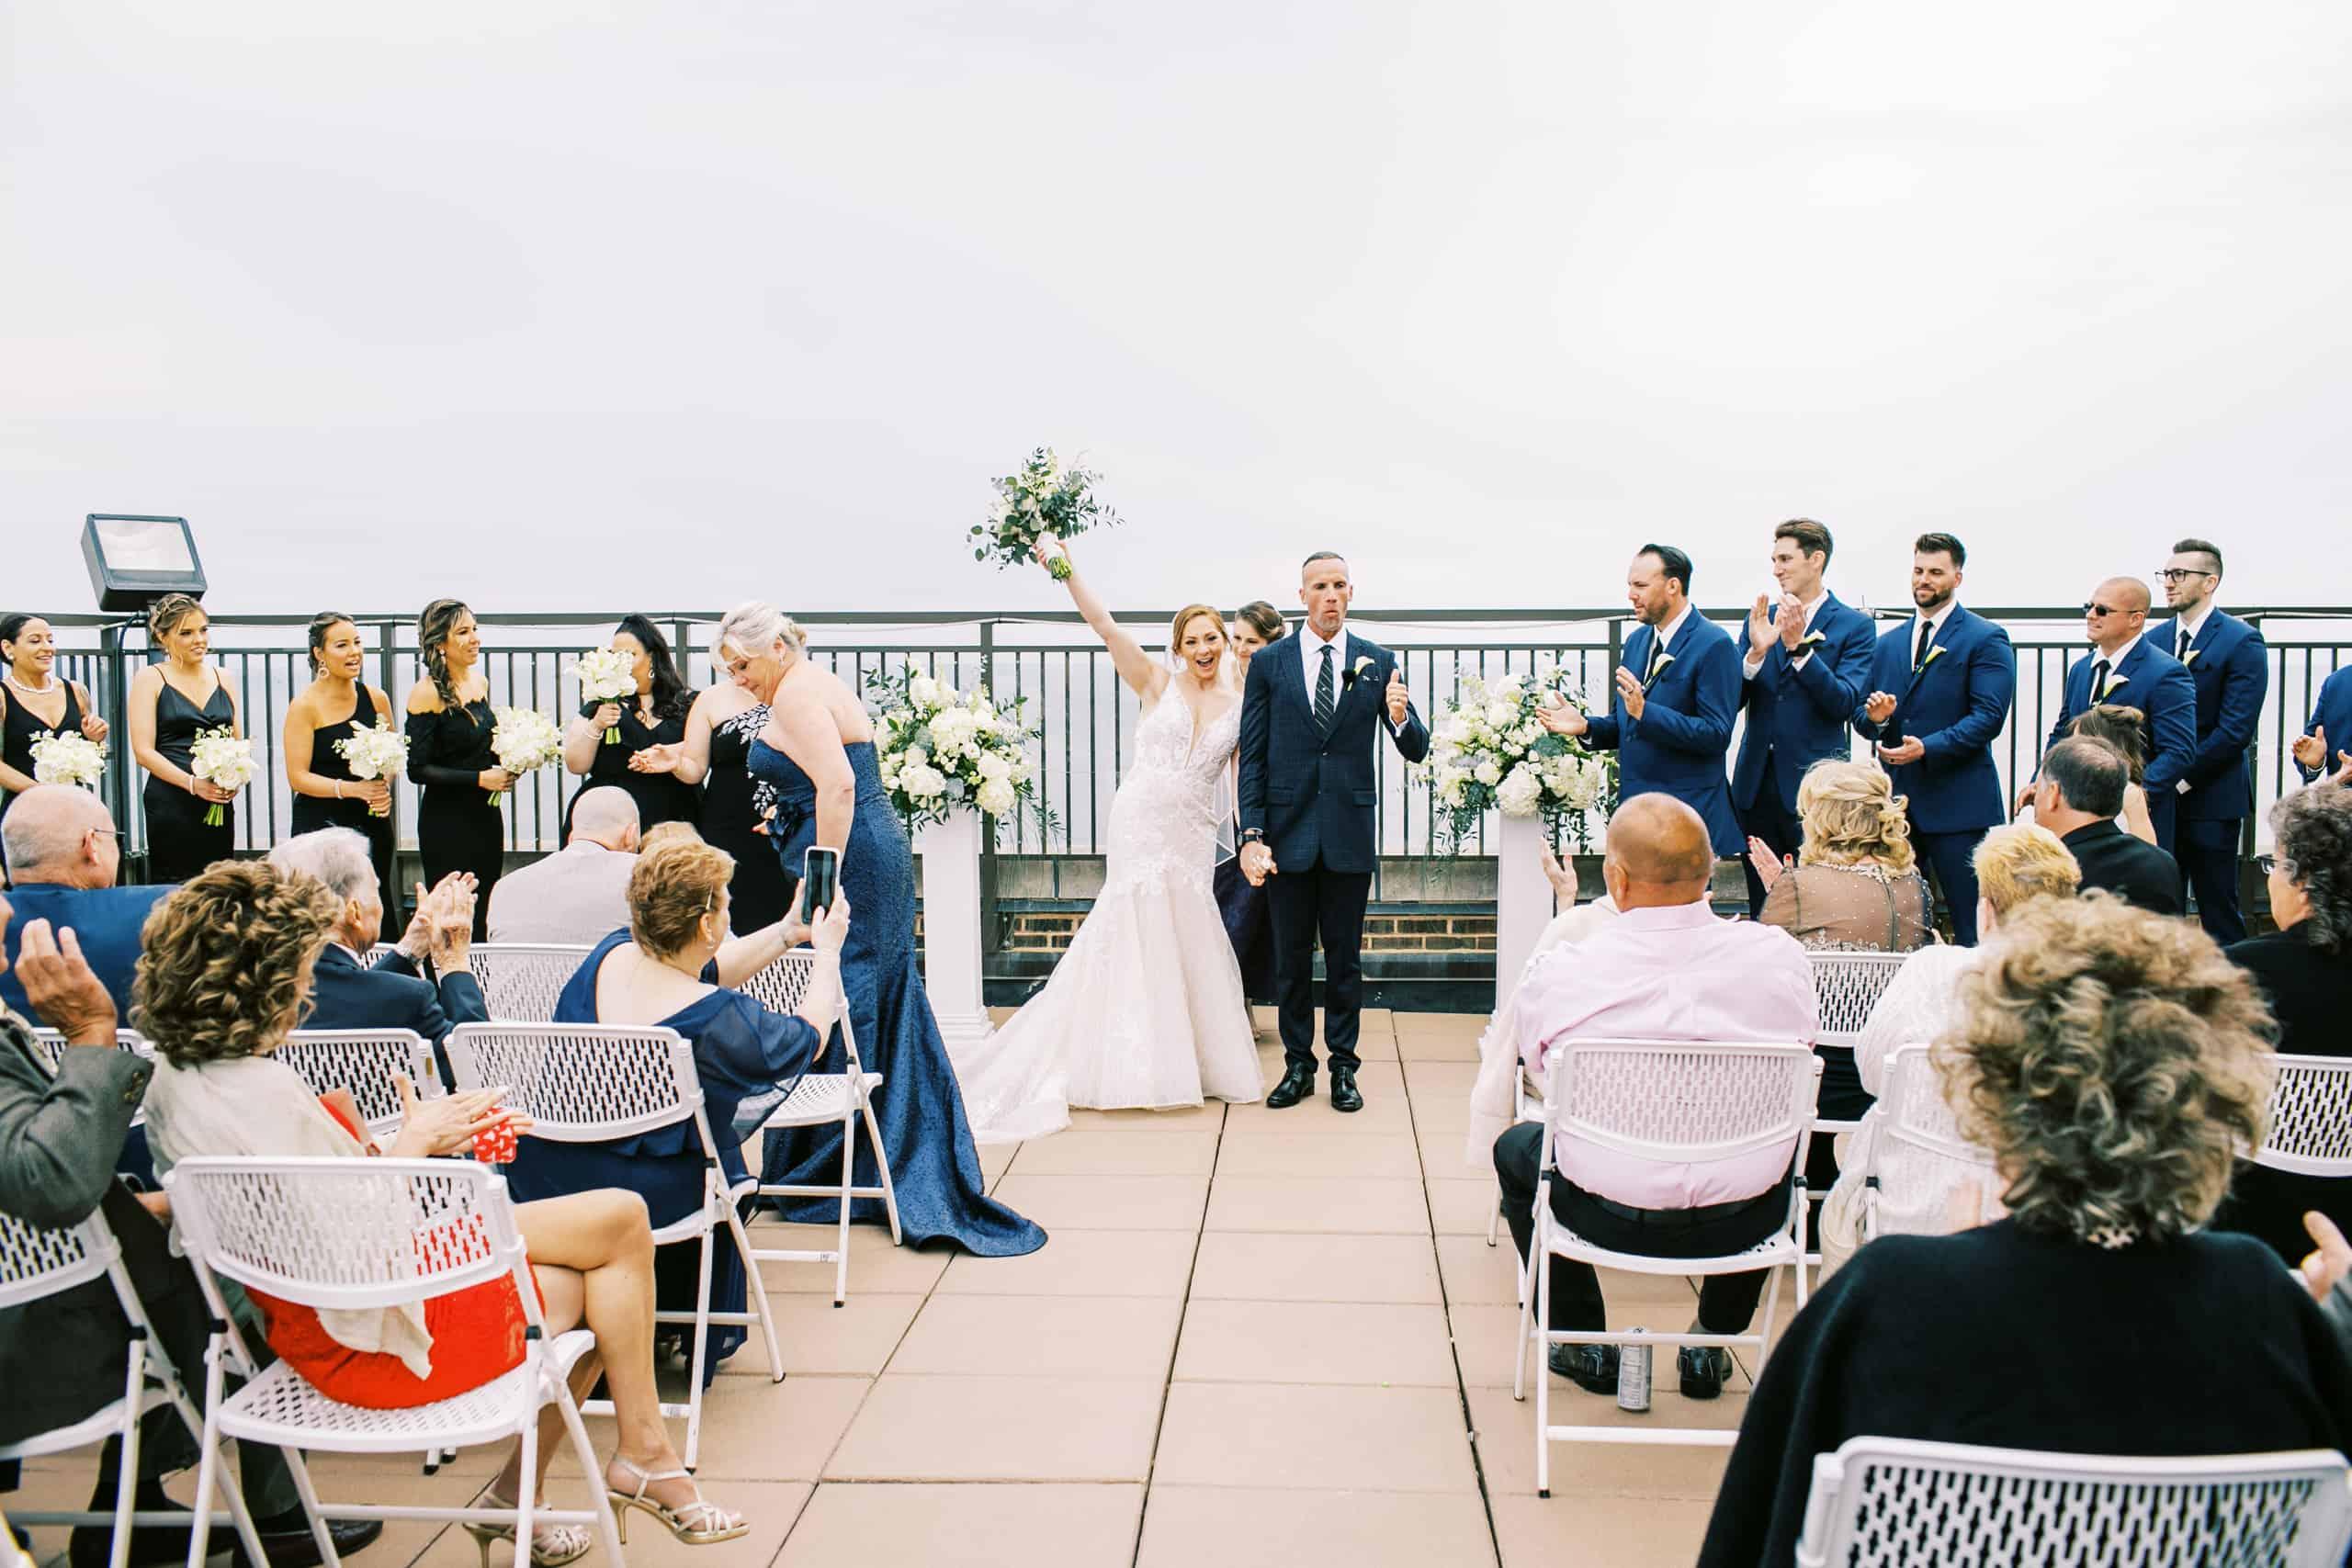 Weddings overlooking the ocean in Atlantic City